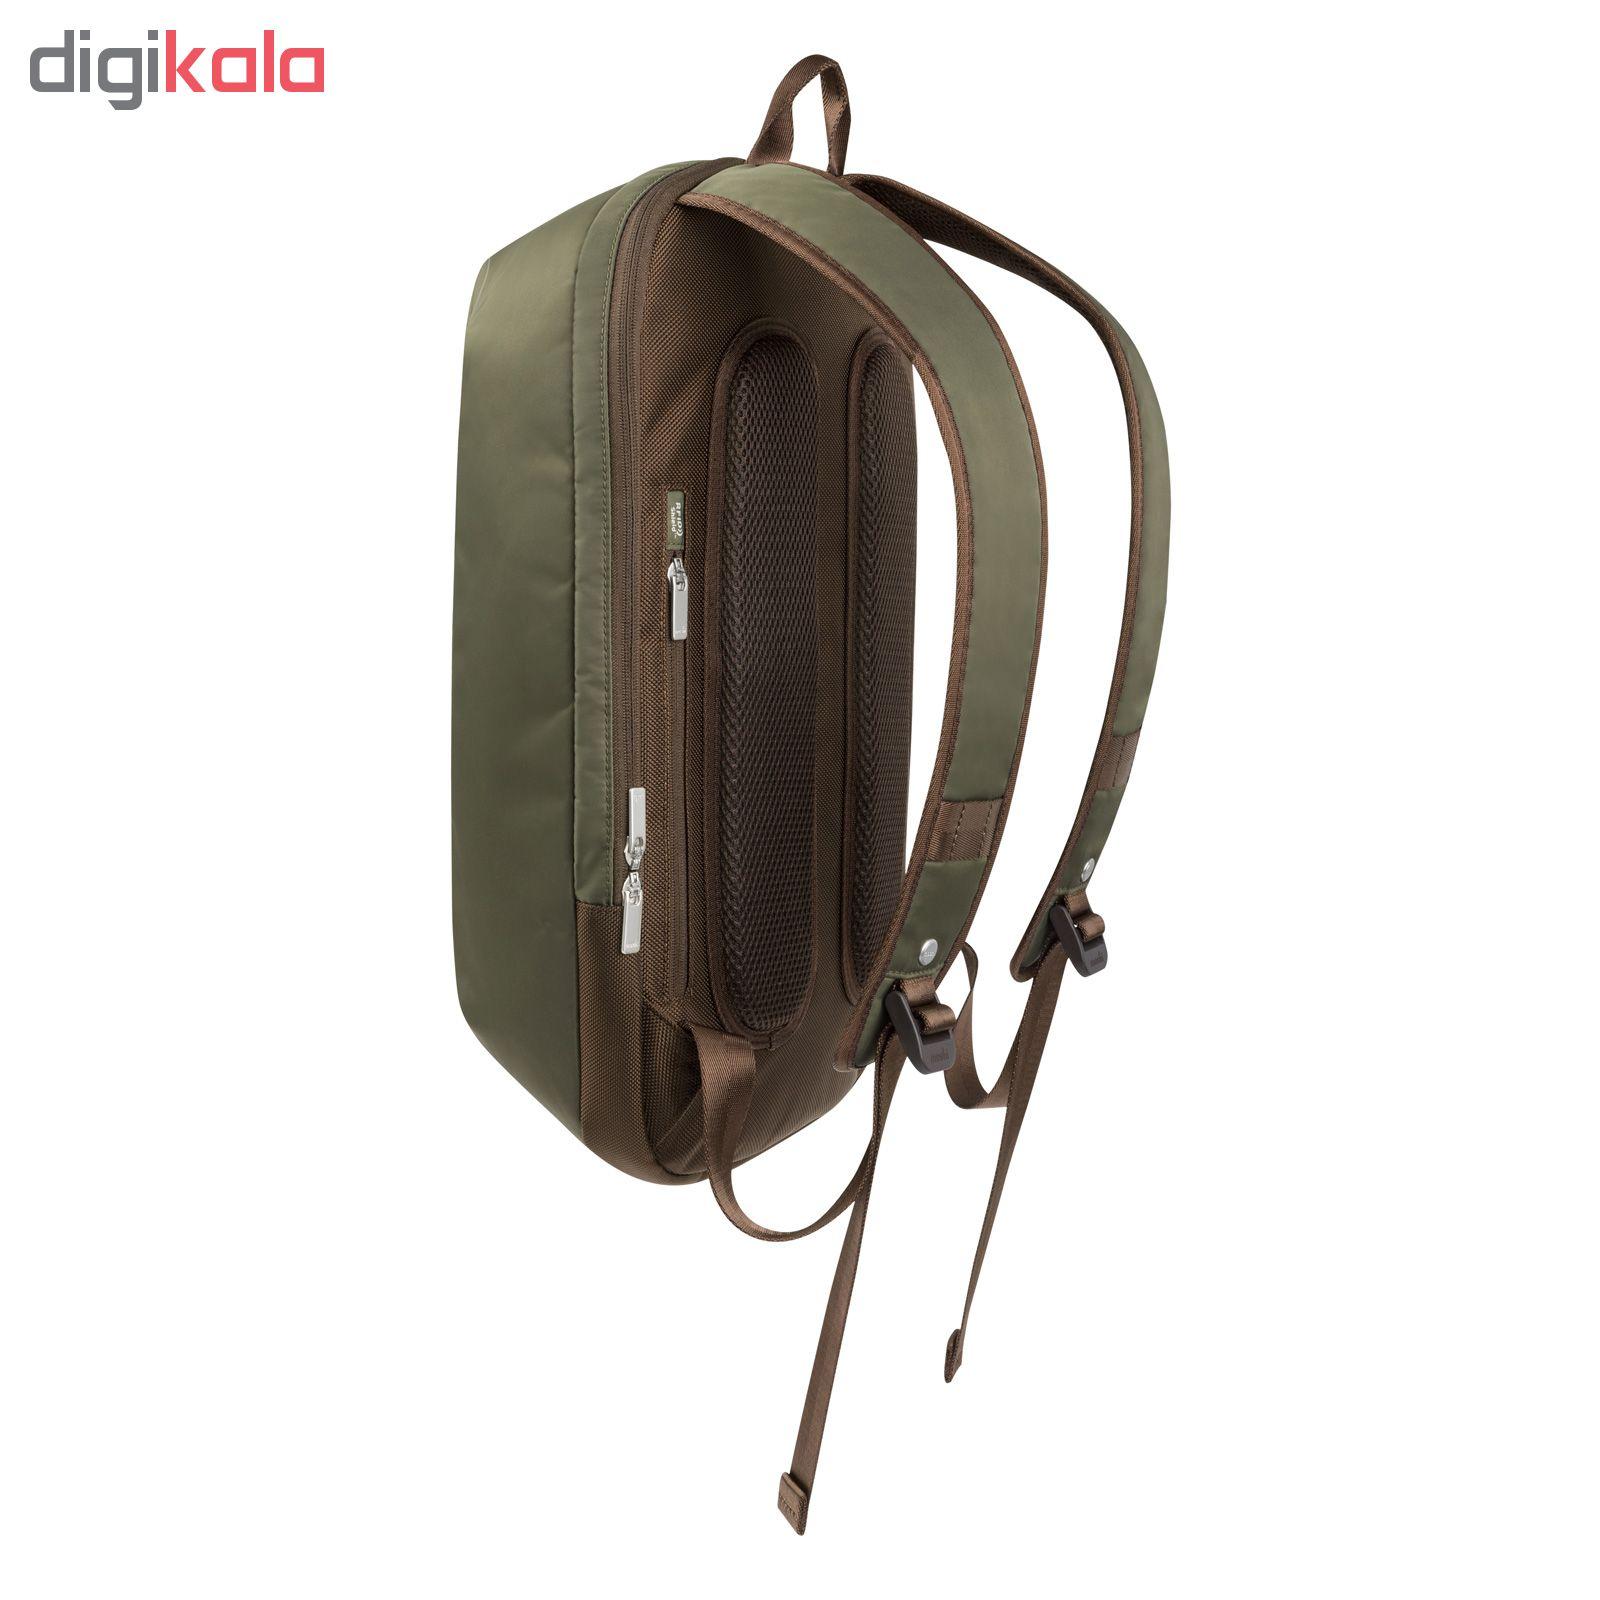 کوله پشتی لپ تاپ موشی مدل Hexa مناسب برای لپ تاپ 15 اینچی